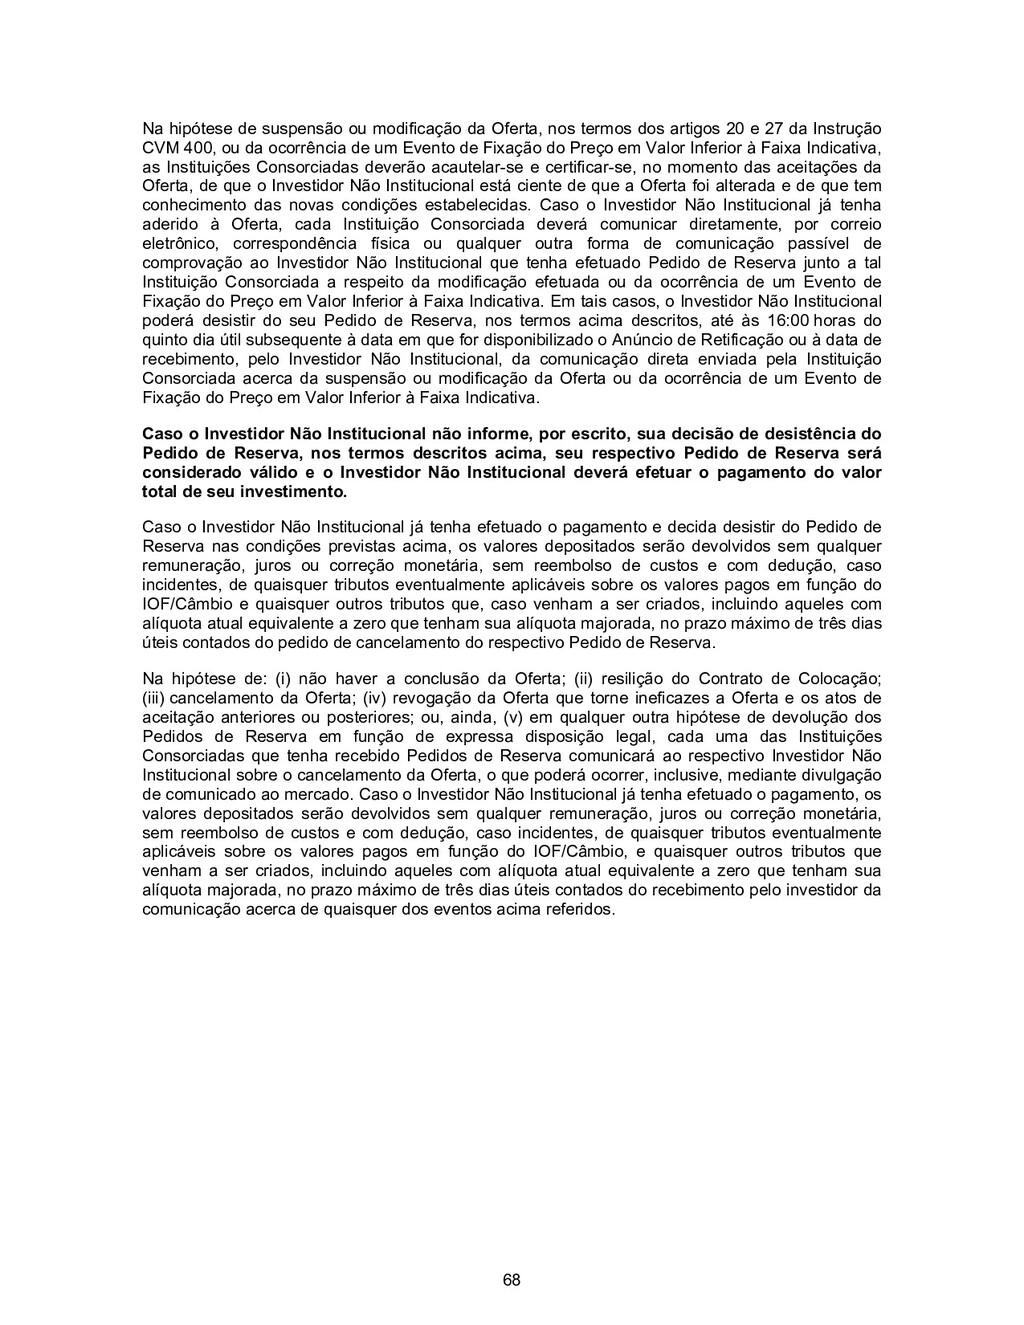 68 Na hipótese de suspensão ou modificação da O...